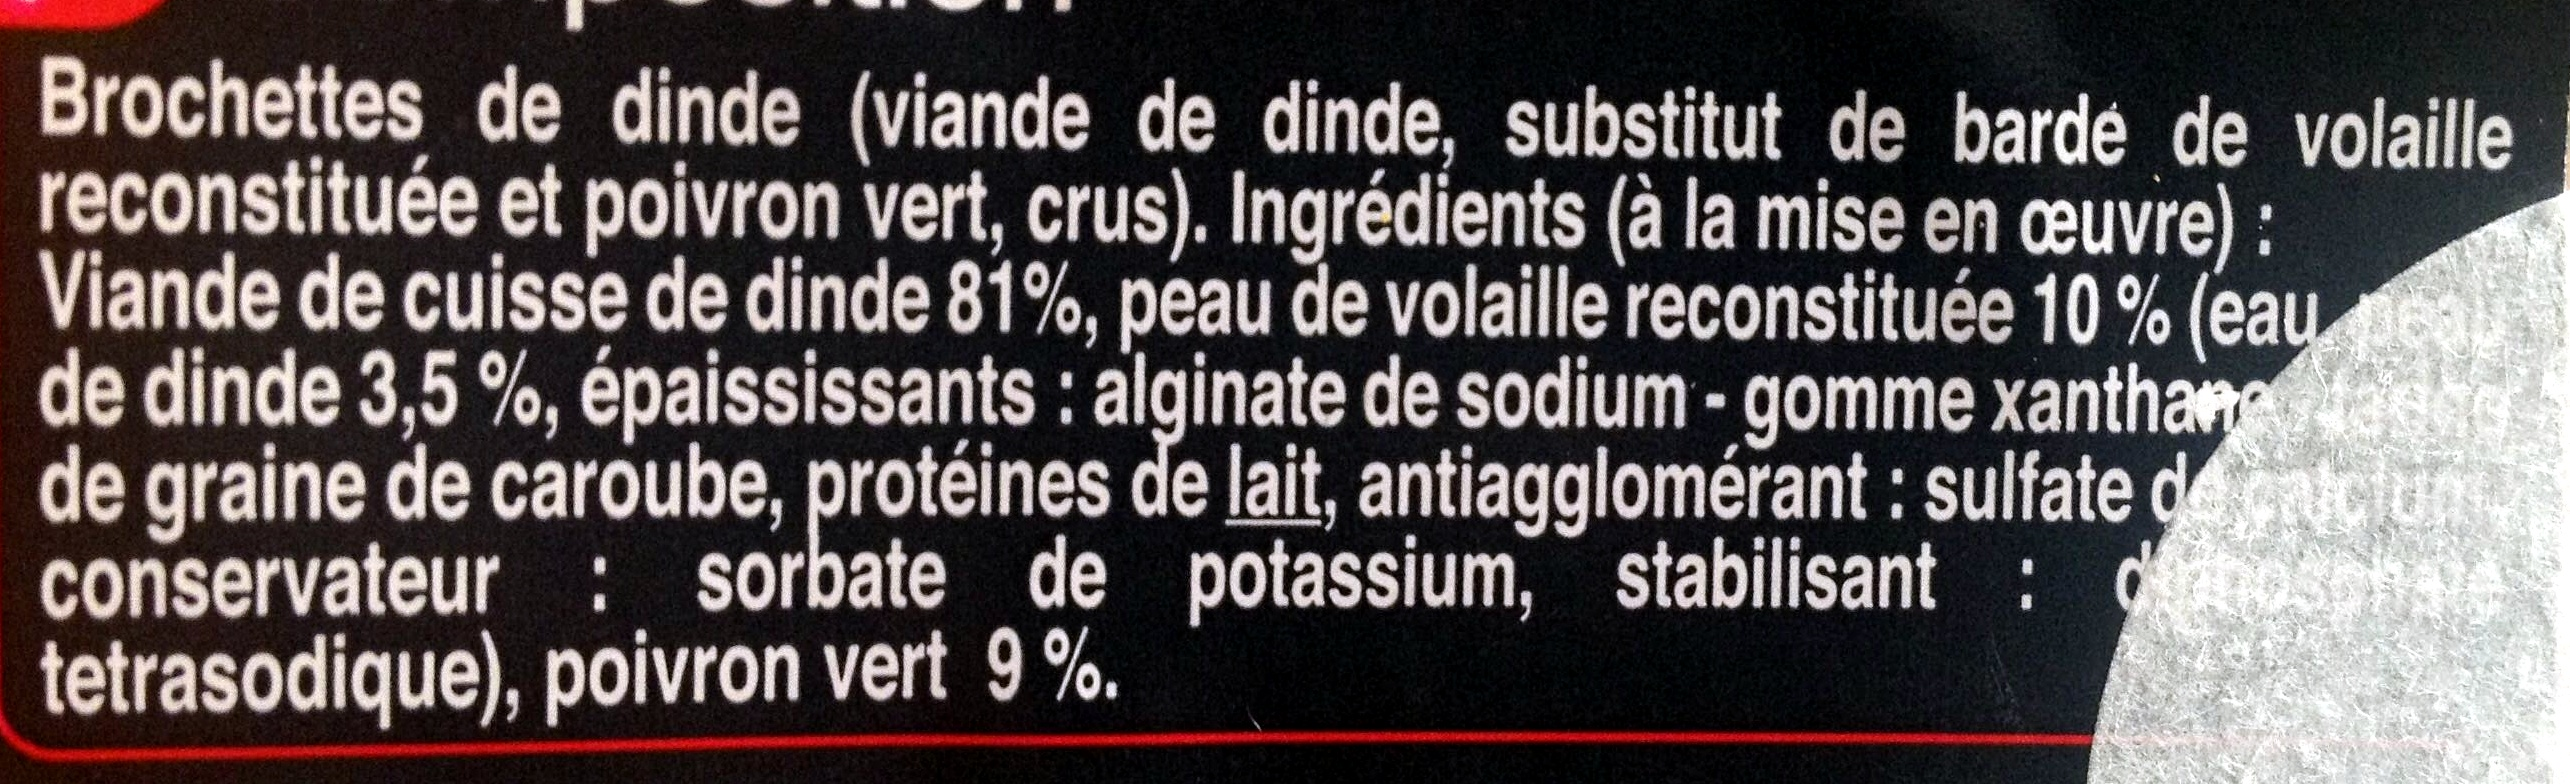 Brochettes de dinde - Ingrédients - fr